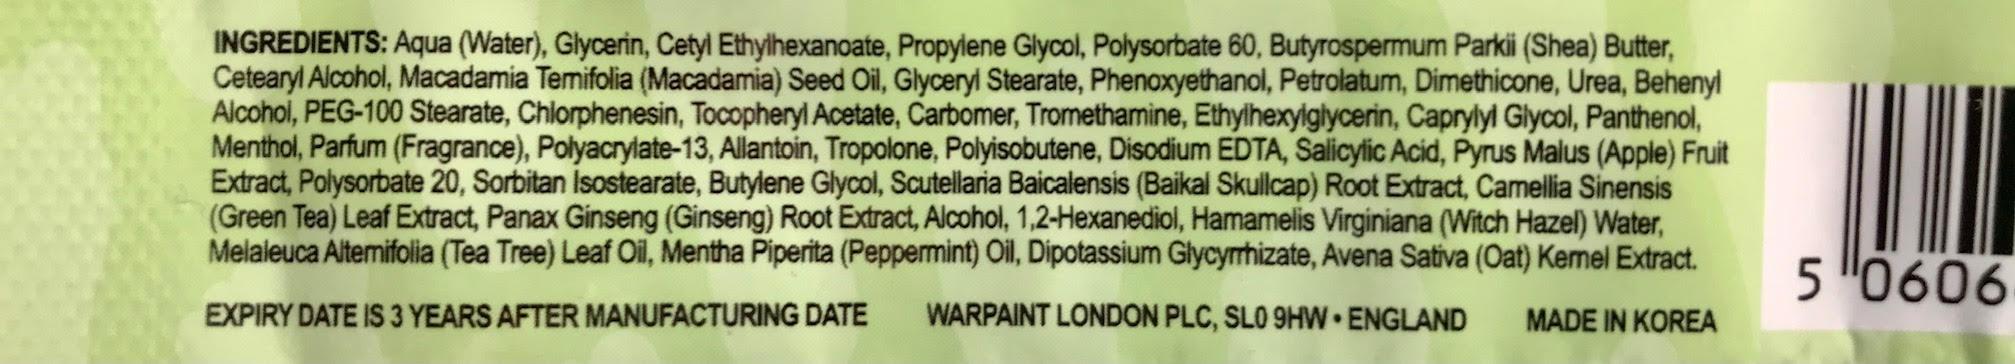 ingrediënten W7 moisturising foot mask